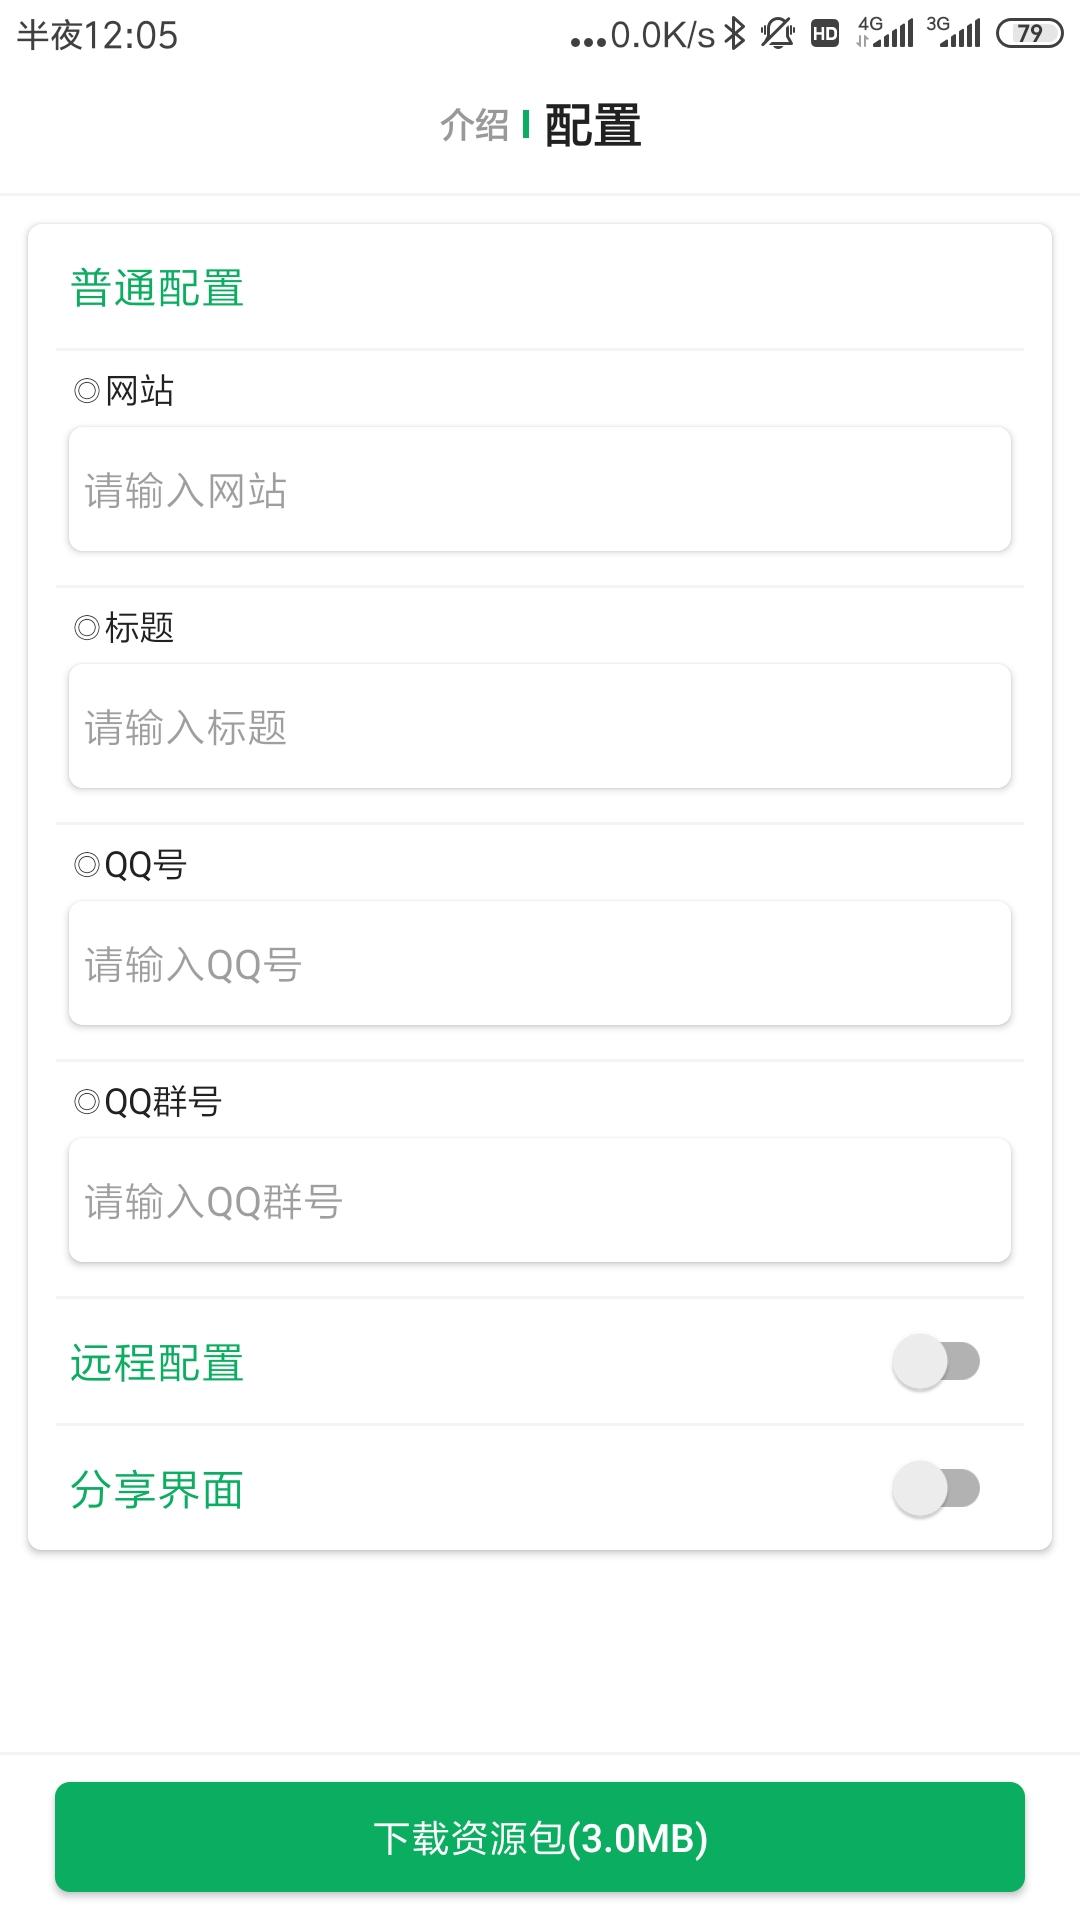 【分享】应用制作v1.5 一键制作软件-爱小助